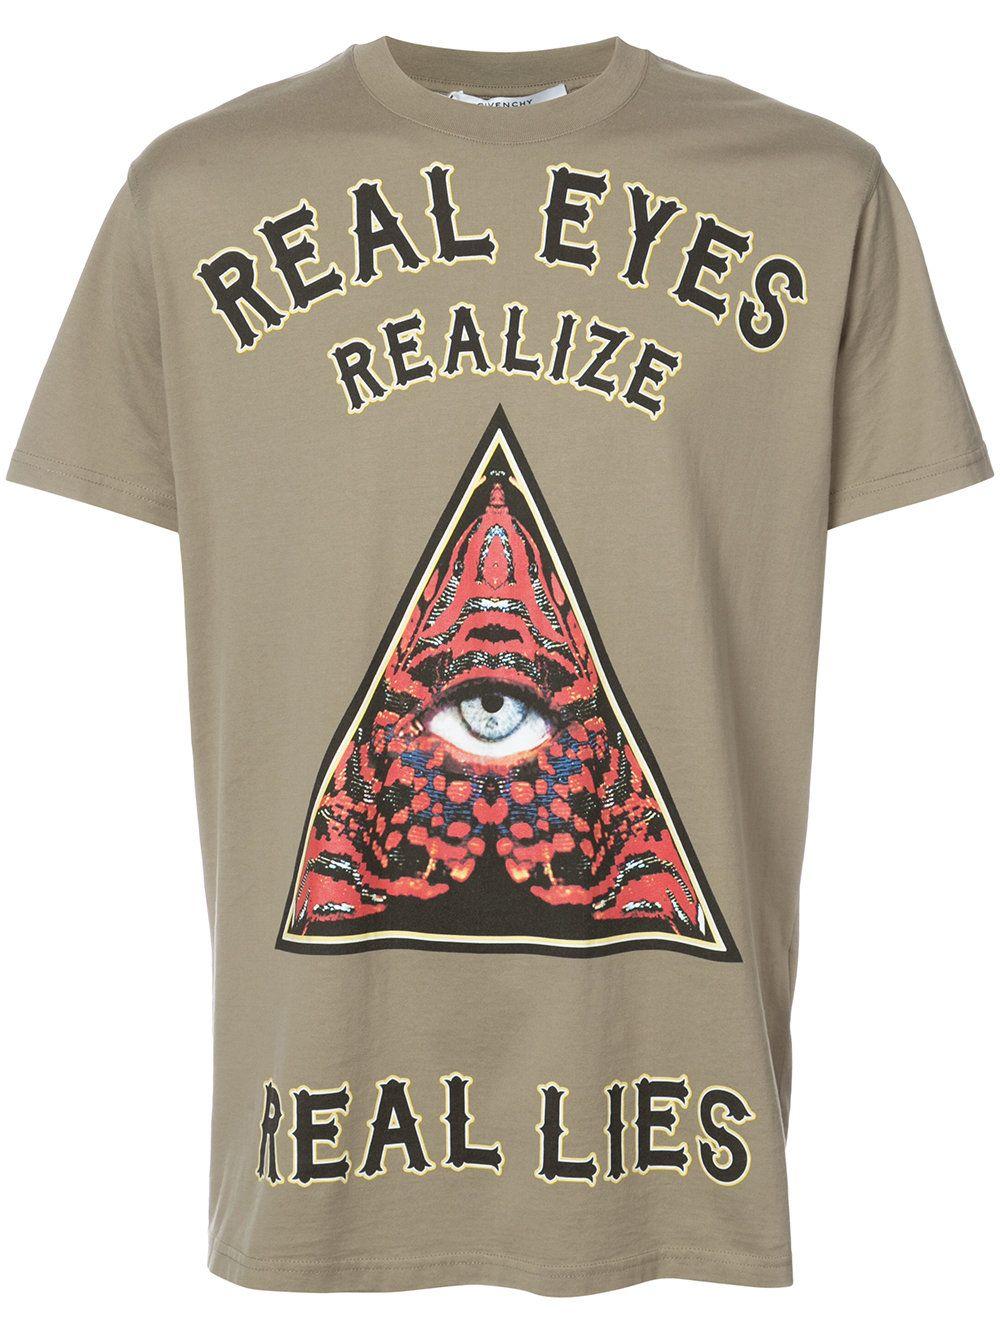 ff2ce889cc2 Givenchy Camiseta com slogan